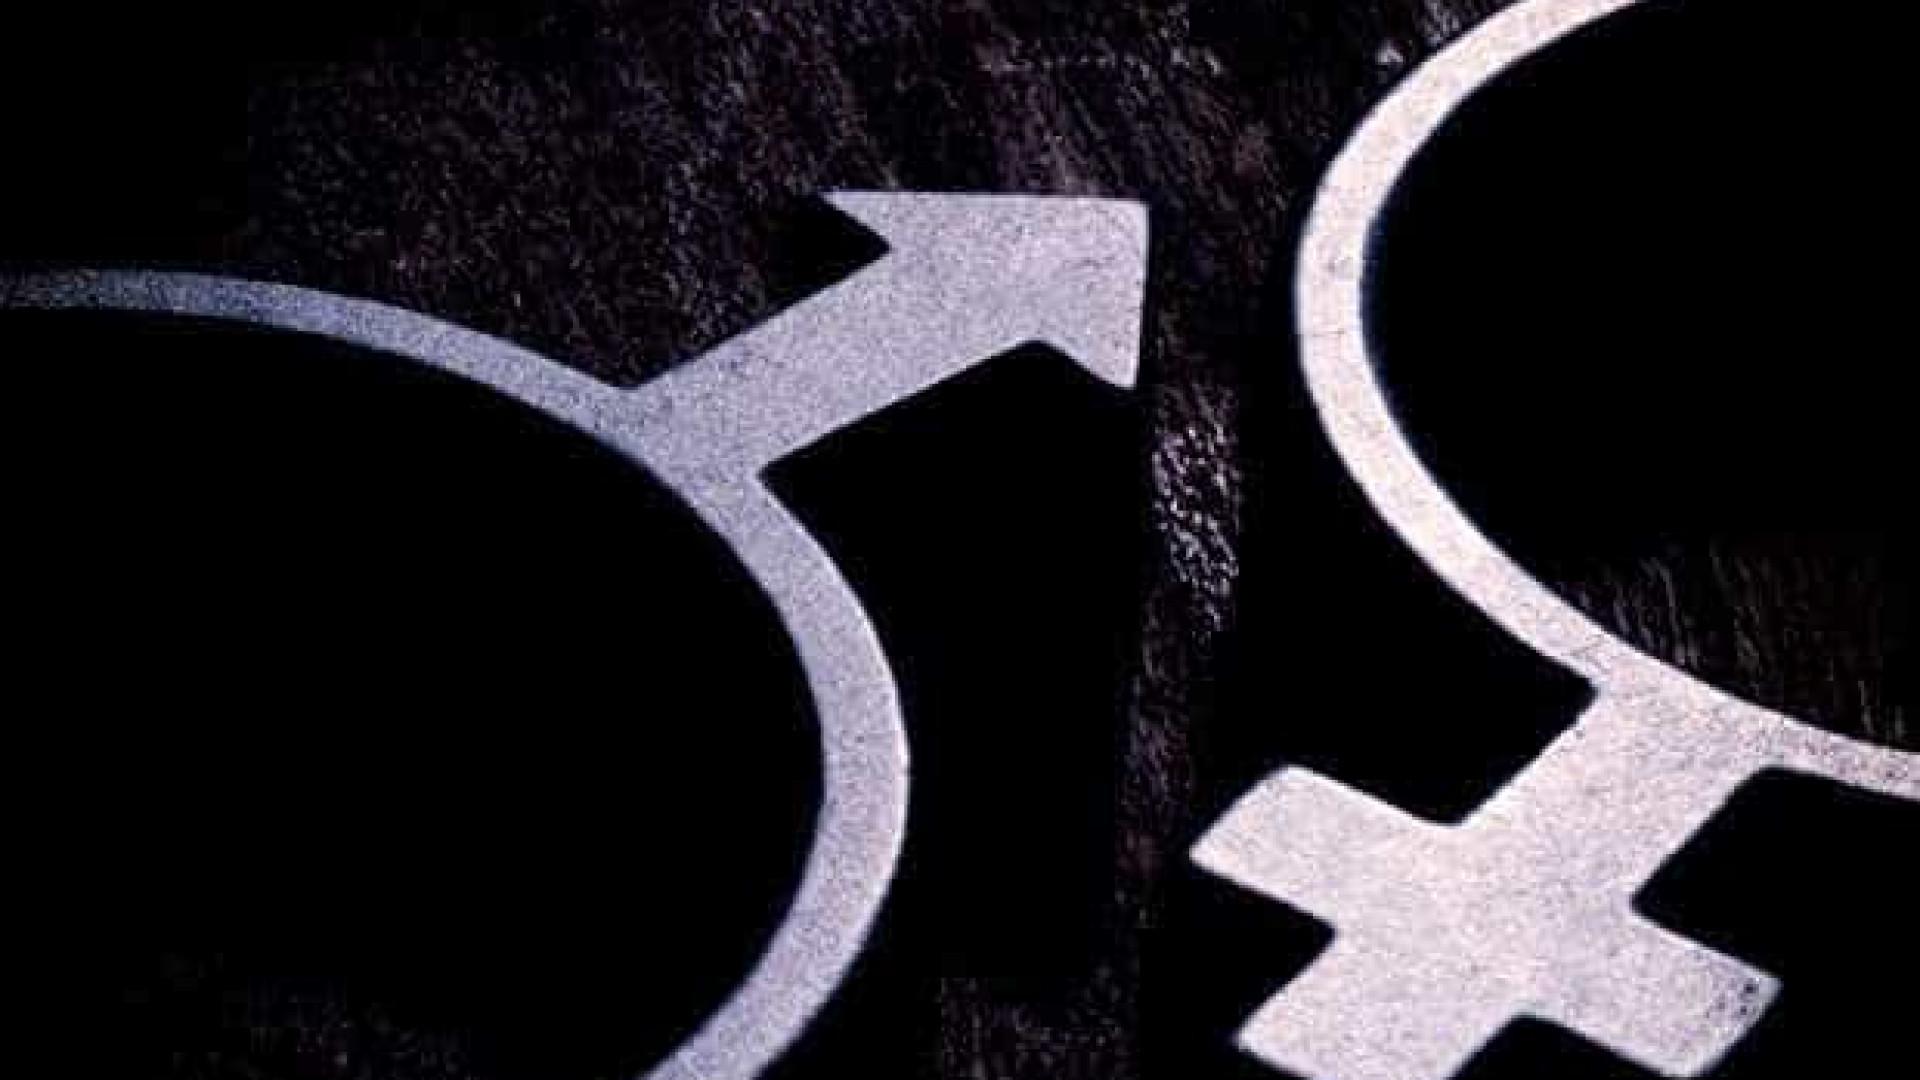 Governo dá novos passos na igualdade e combate à violência